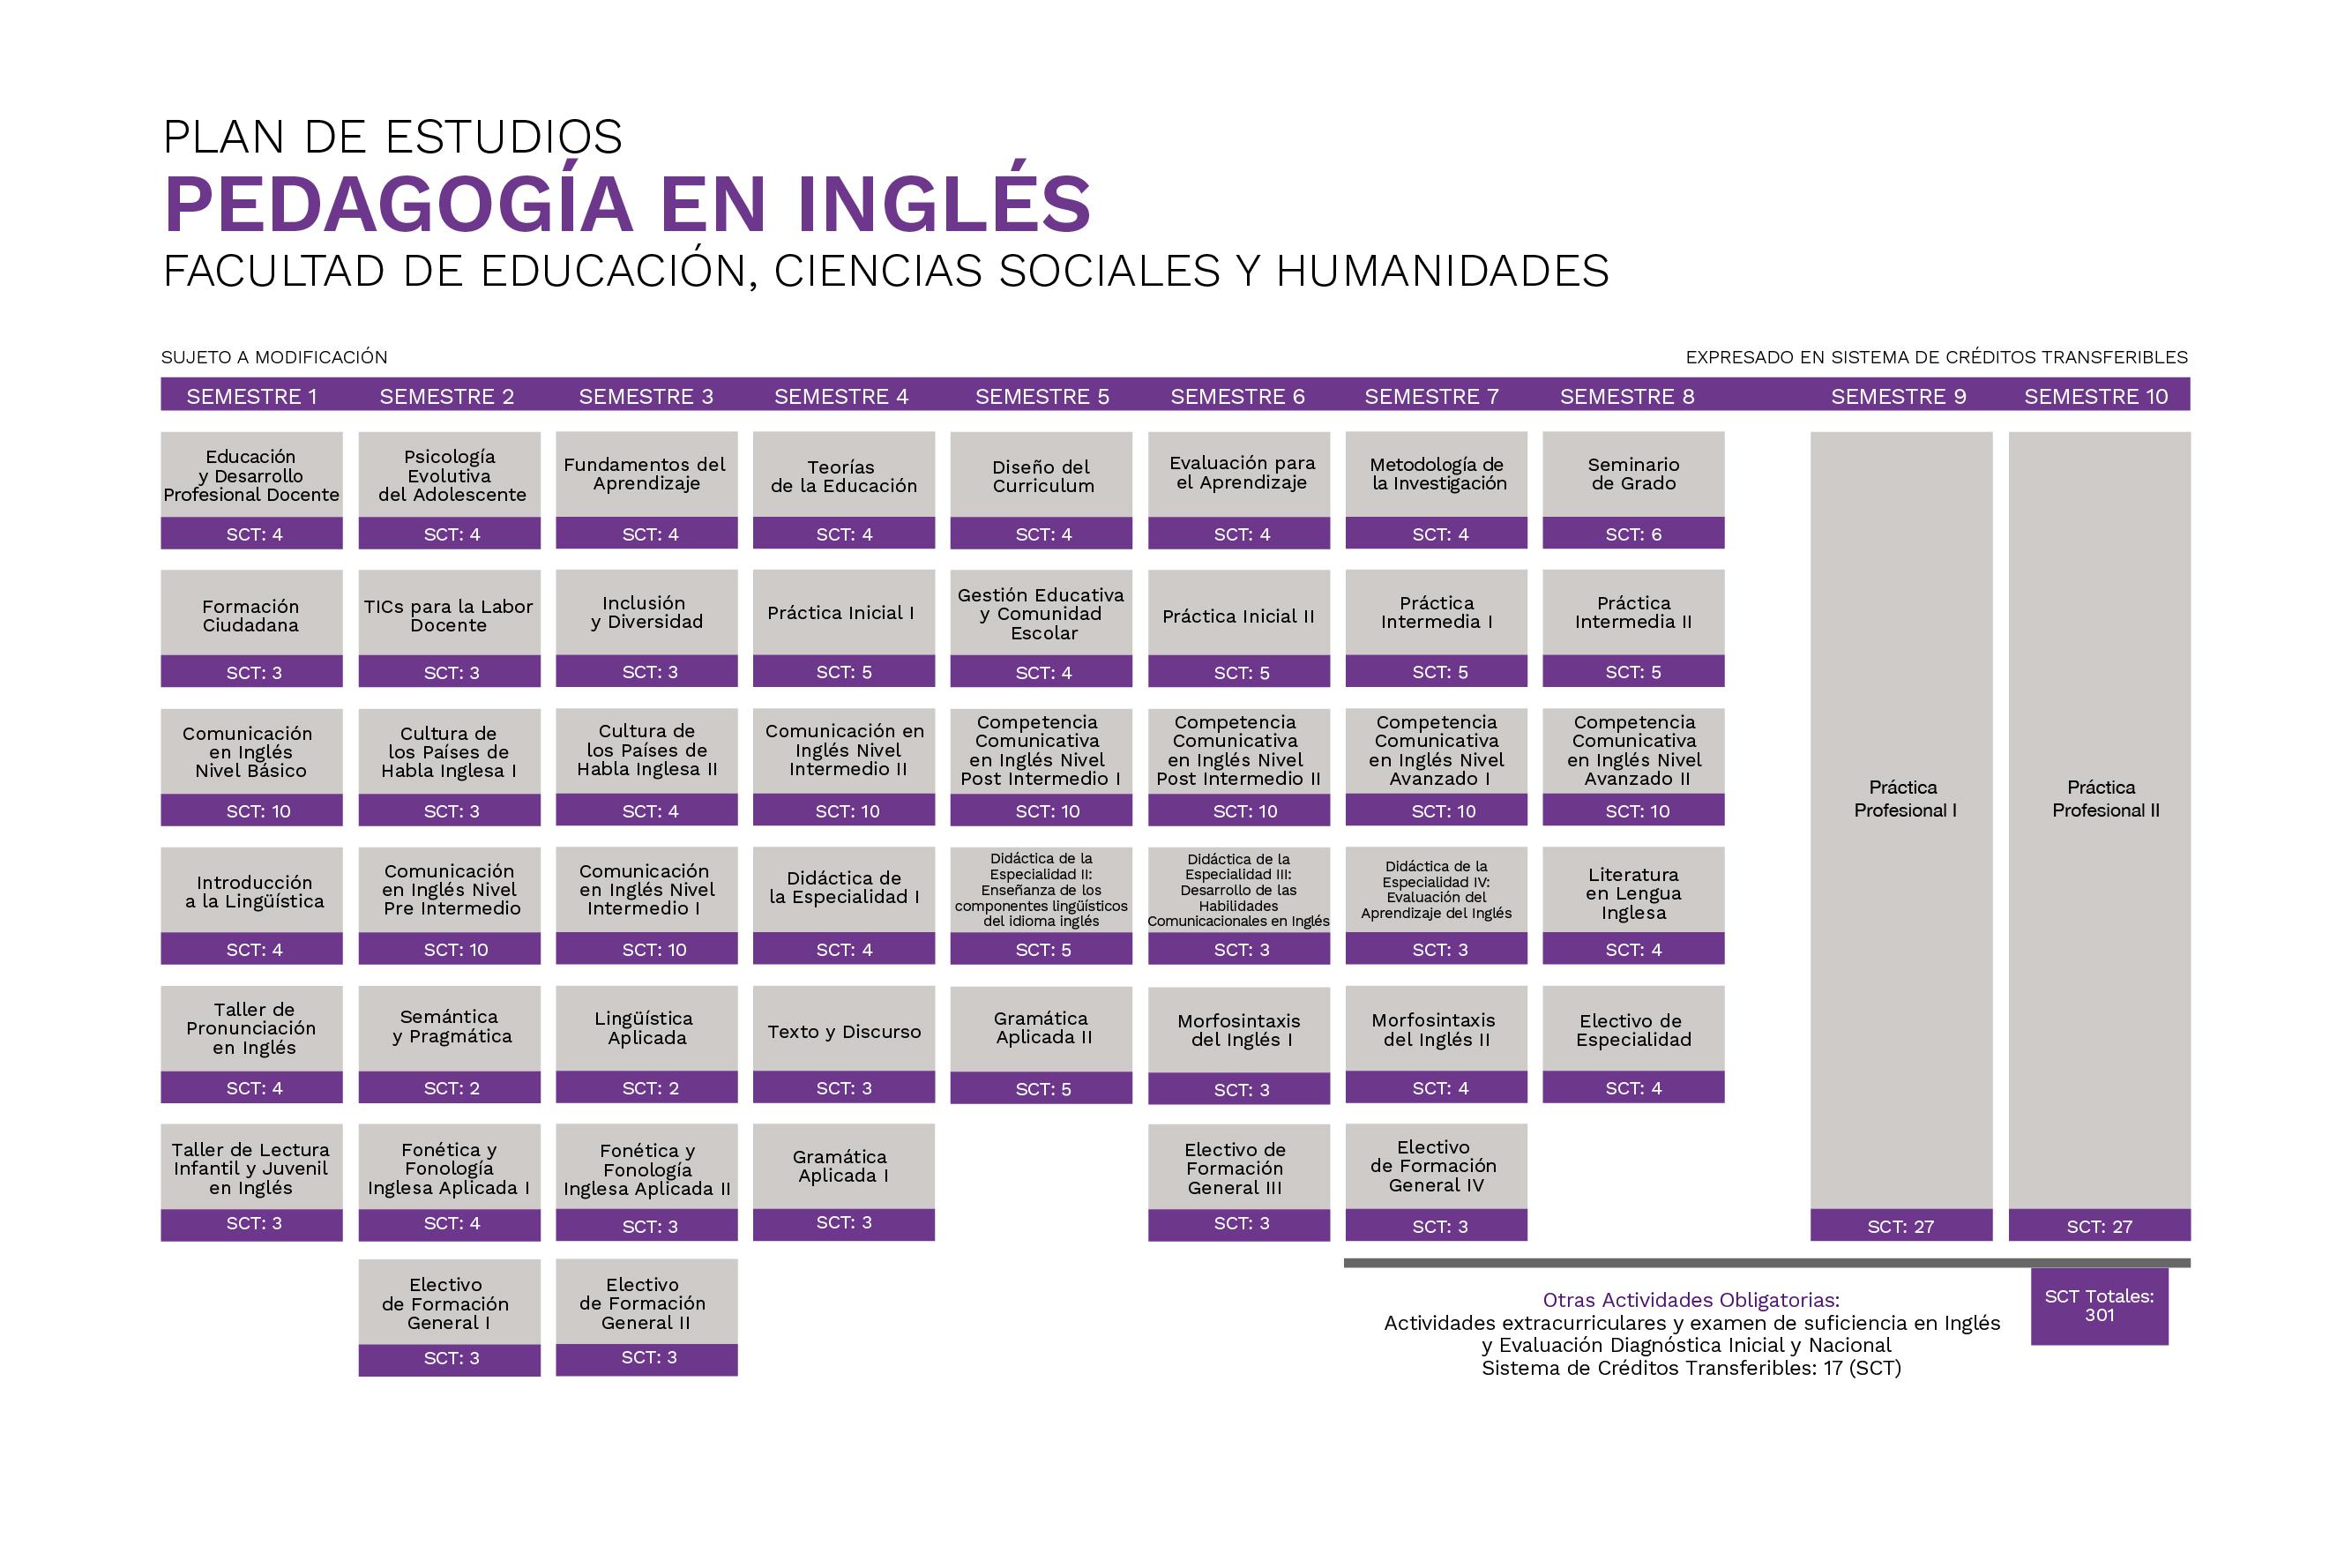 Pedagogía en Inglés Universidad de La Frontera